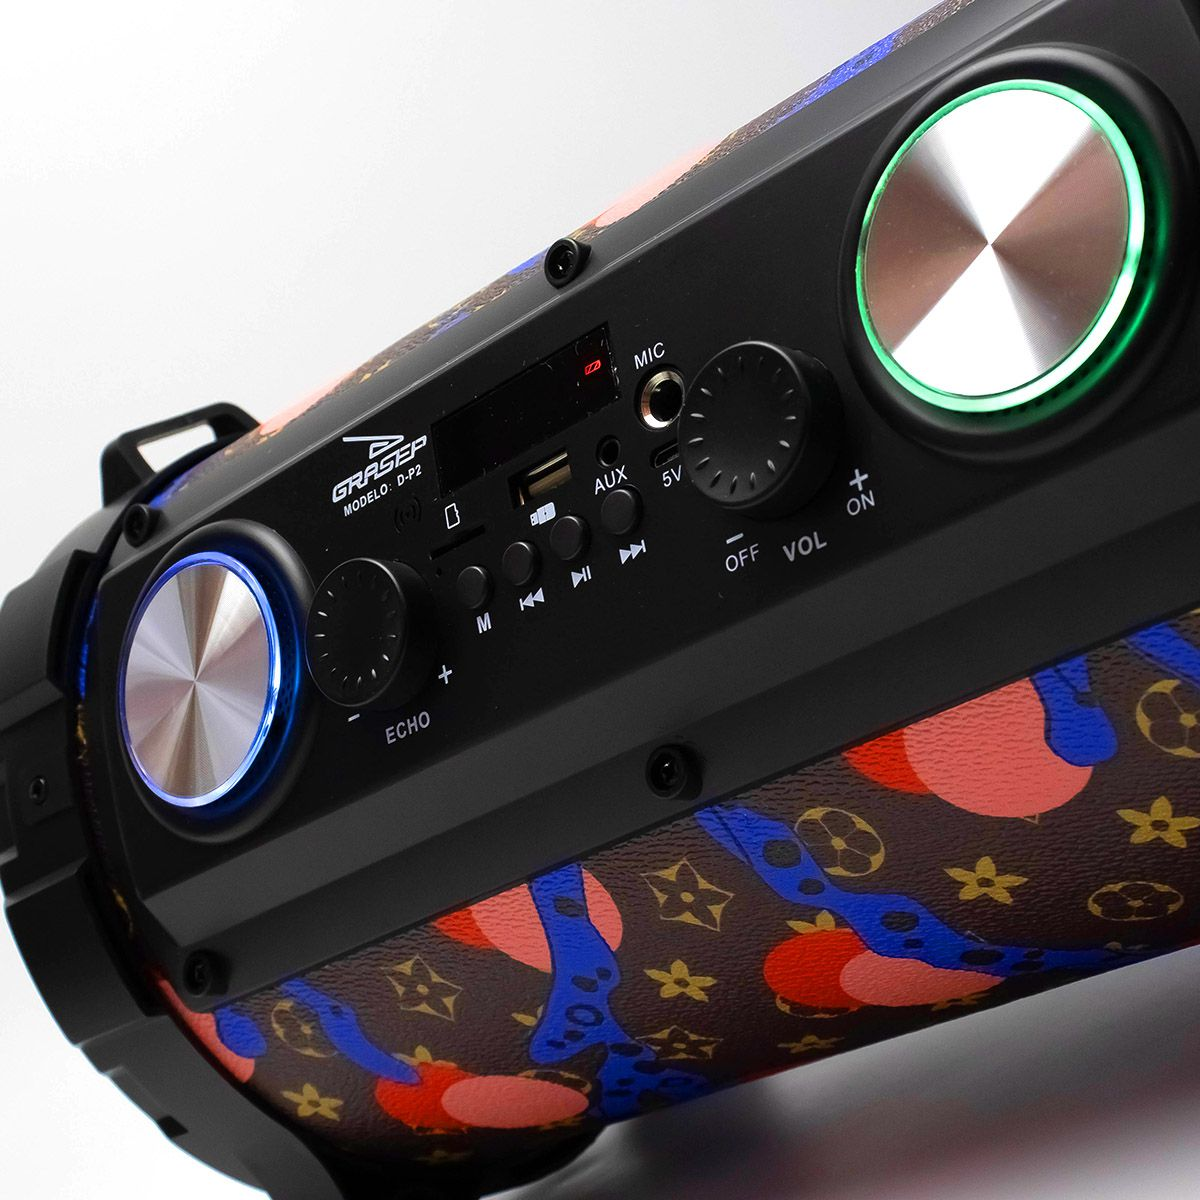 Caixa de Som Bluetooth Canhão 24 Watts RMS Grasep D-P2